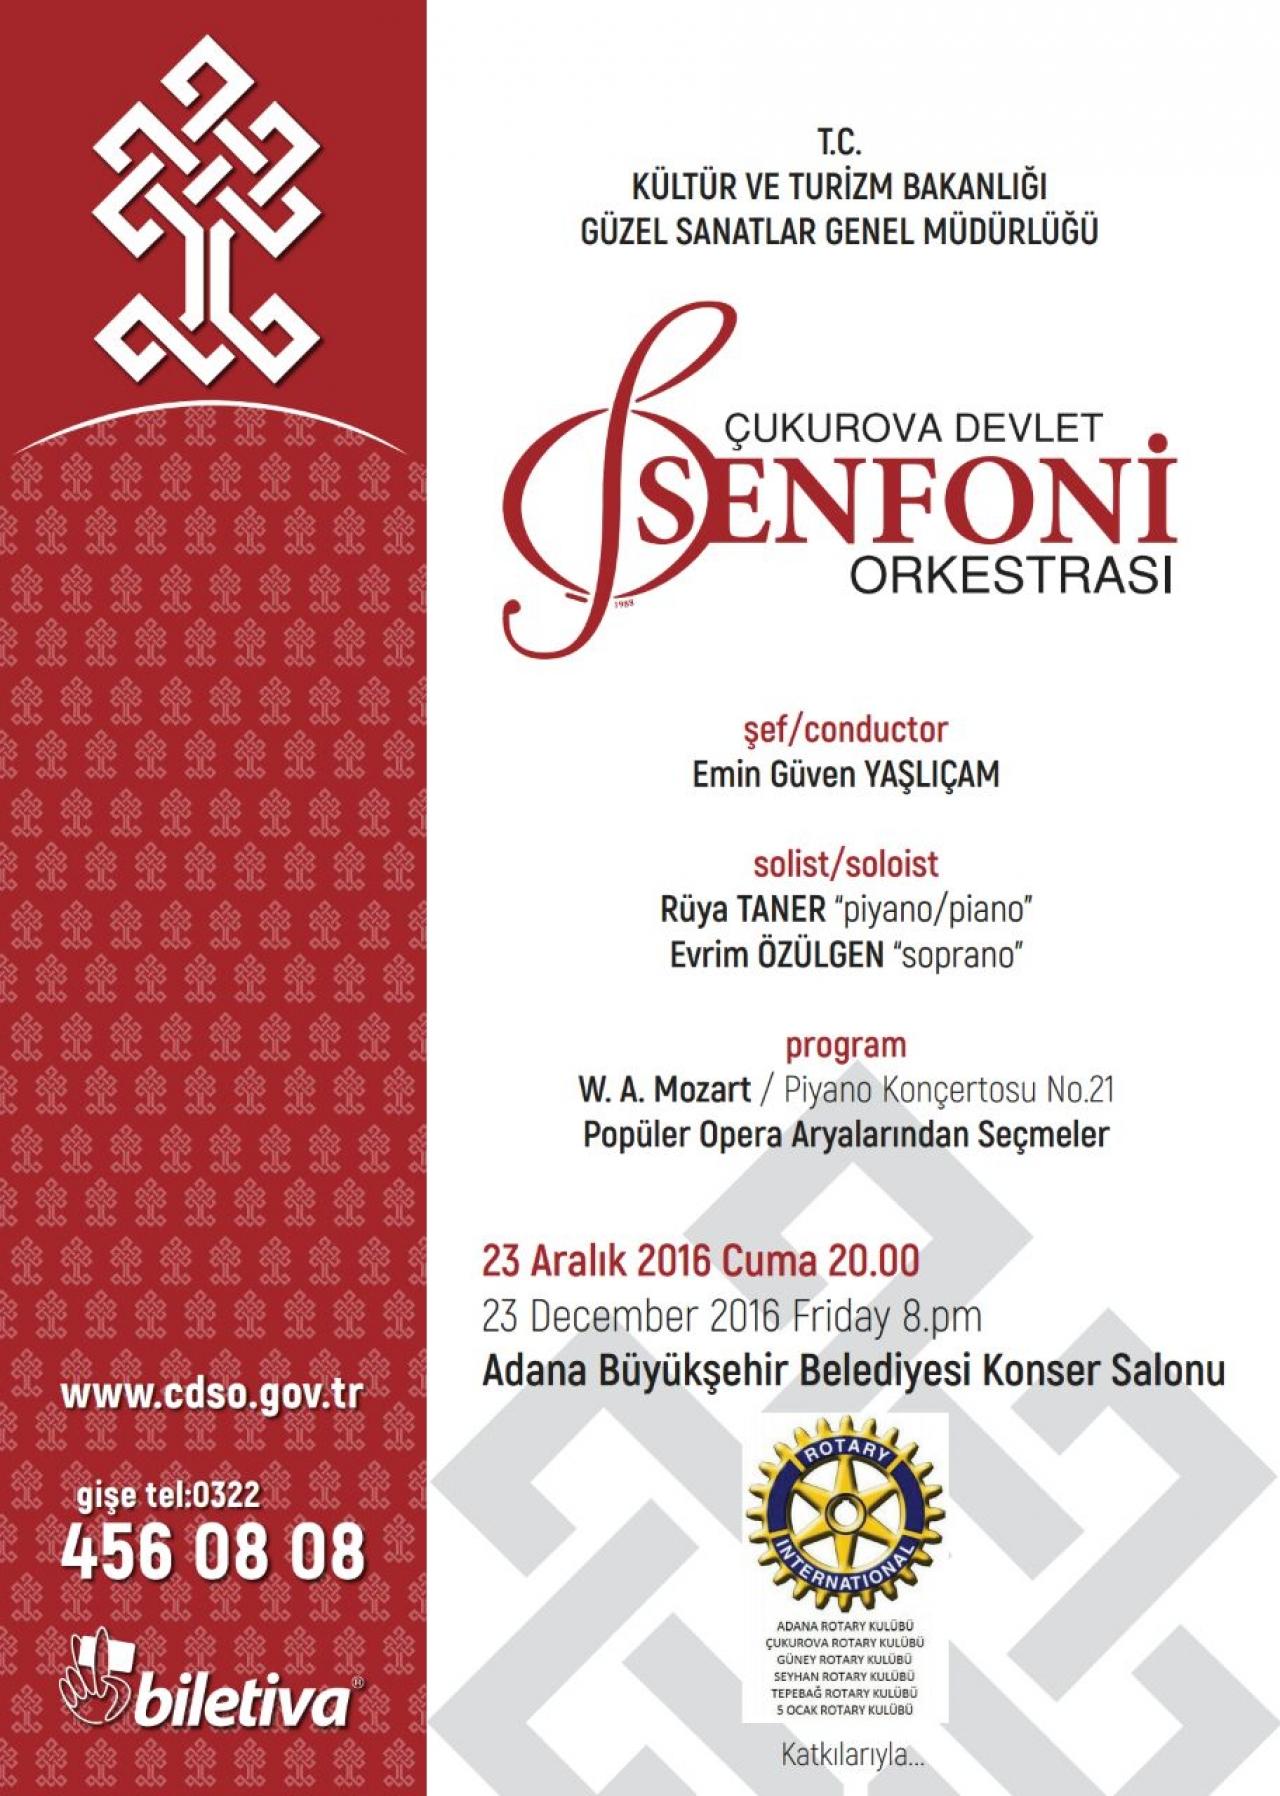 Çukurova Senfoni Orkestrası Yeni Yıl Konseri